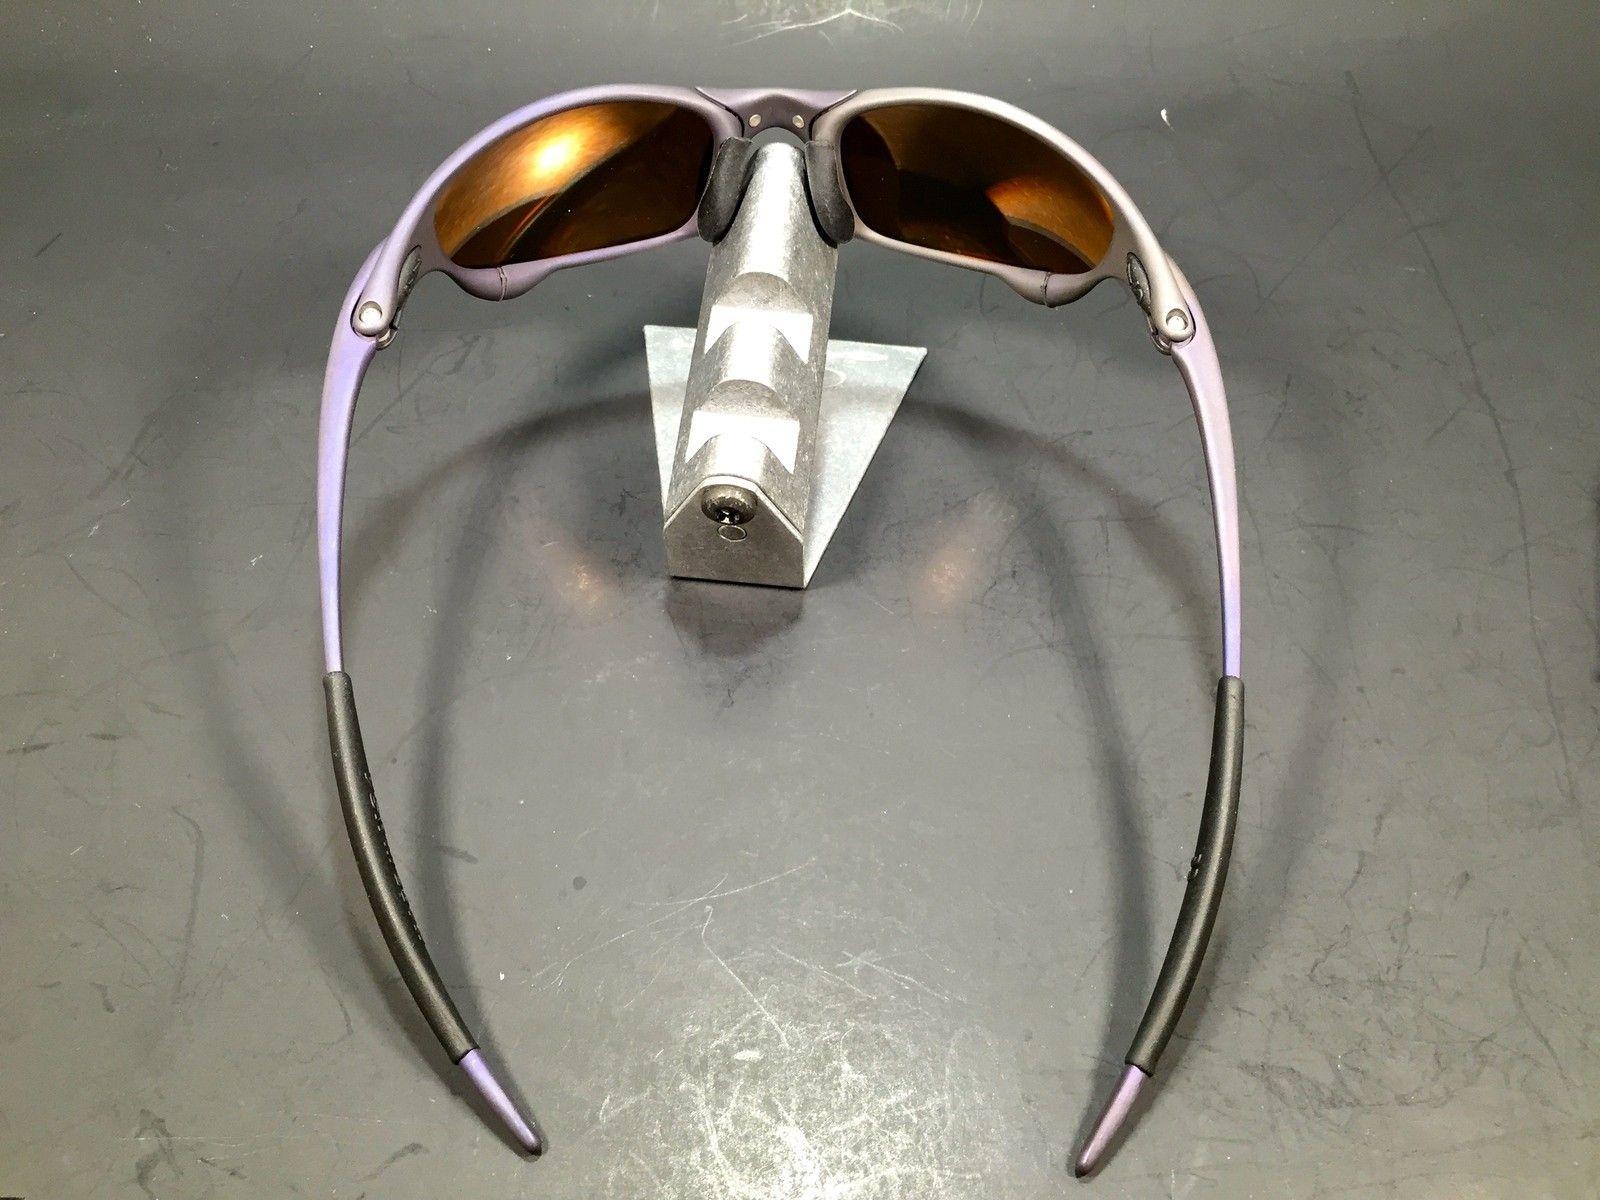 Anodized Purple X Metal Juliet w/ Fire Lenses $299 - IMG_2159.JPG